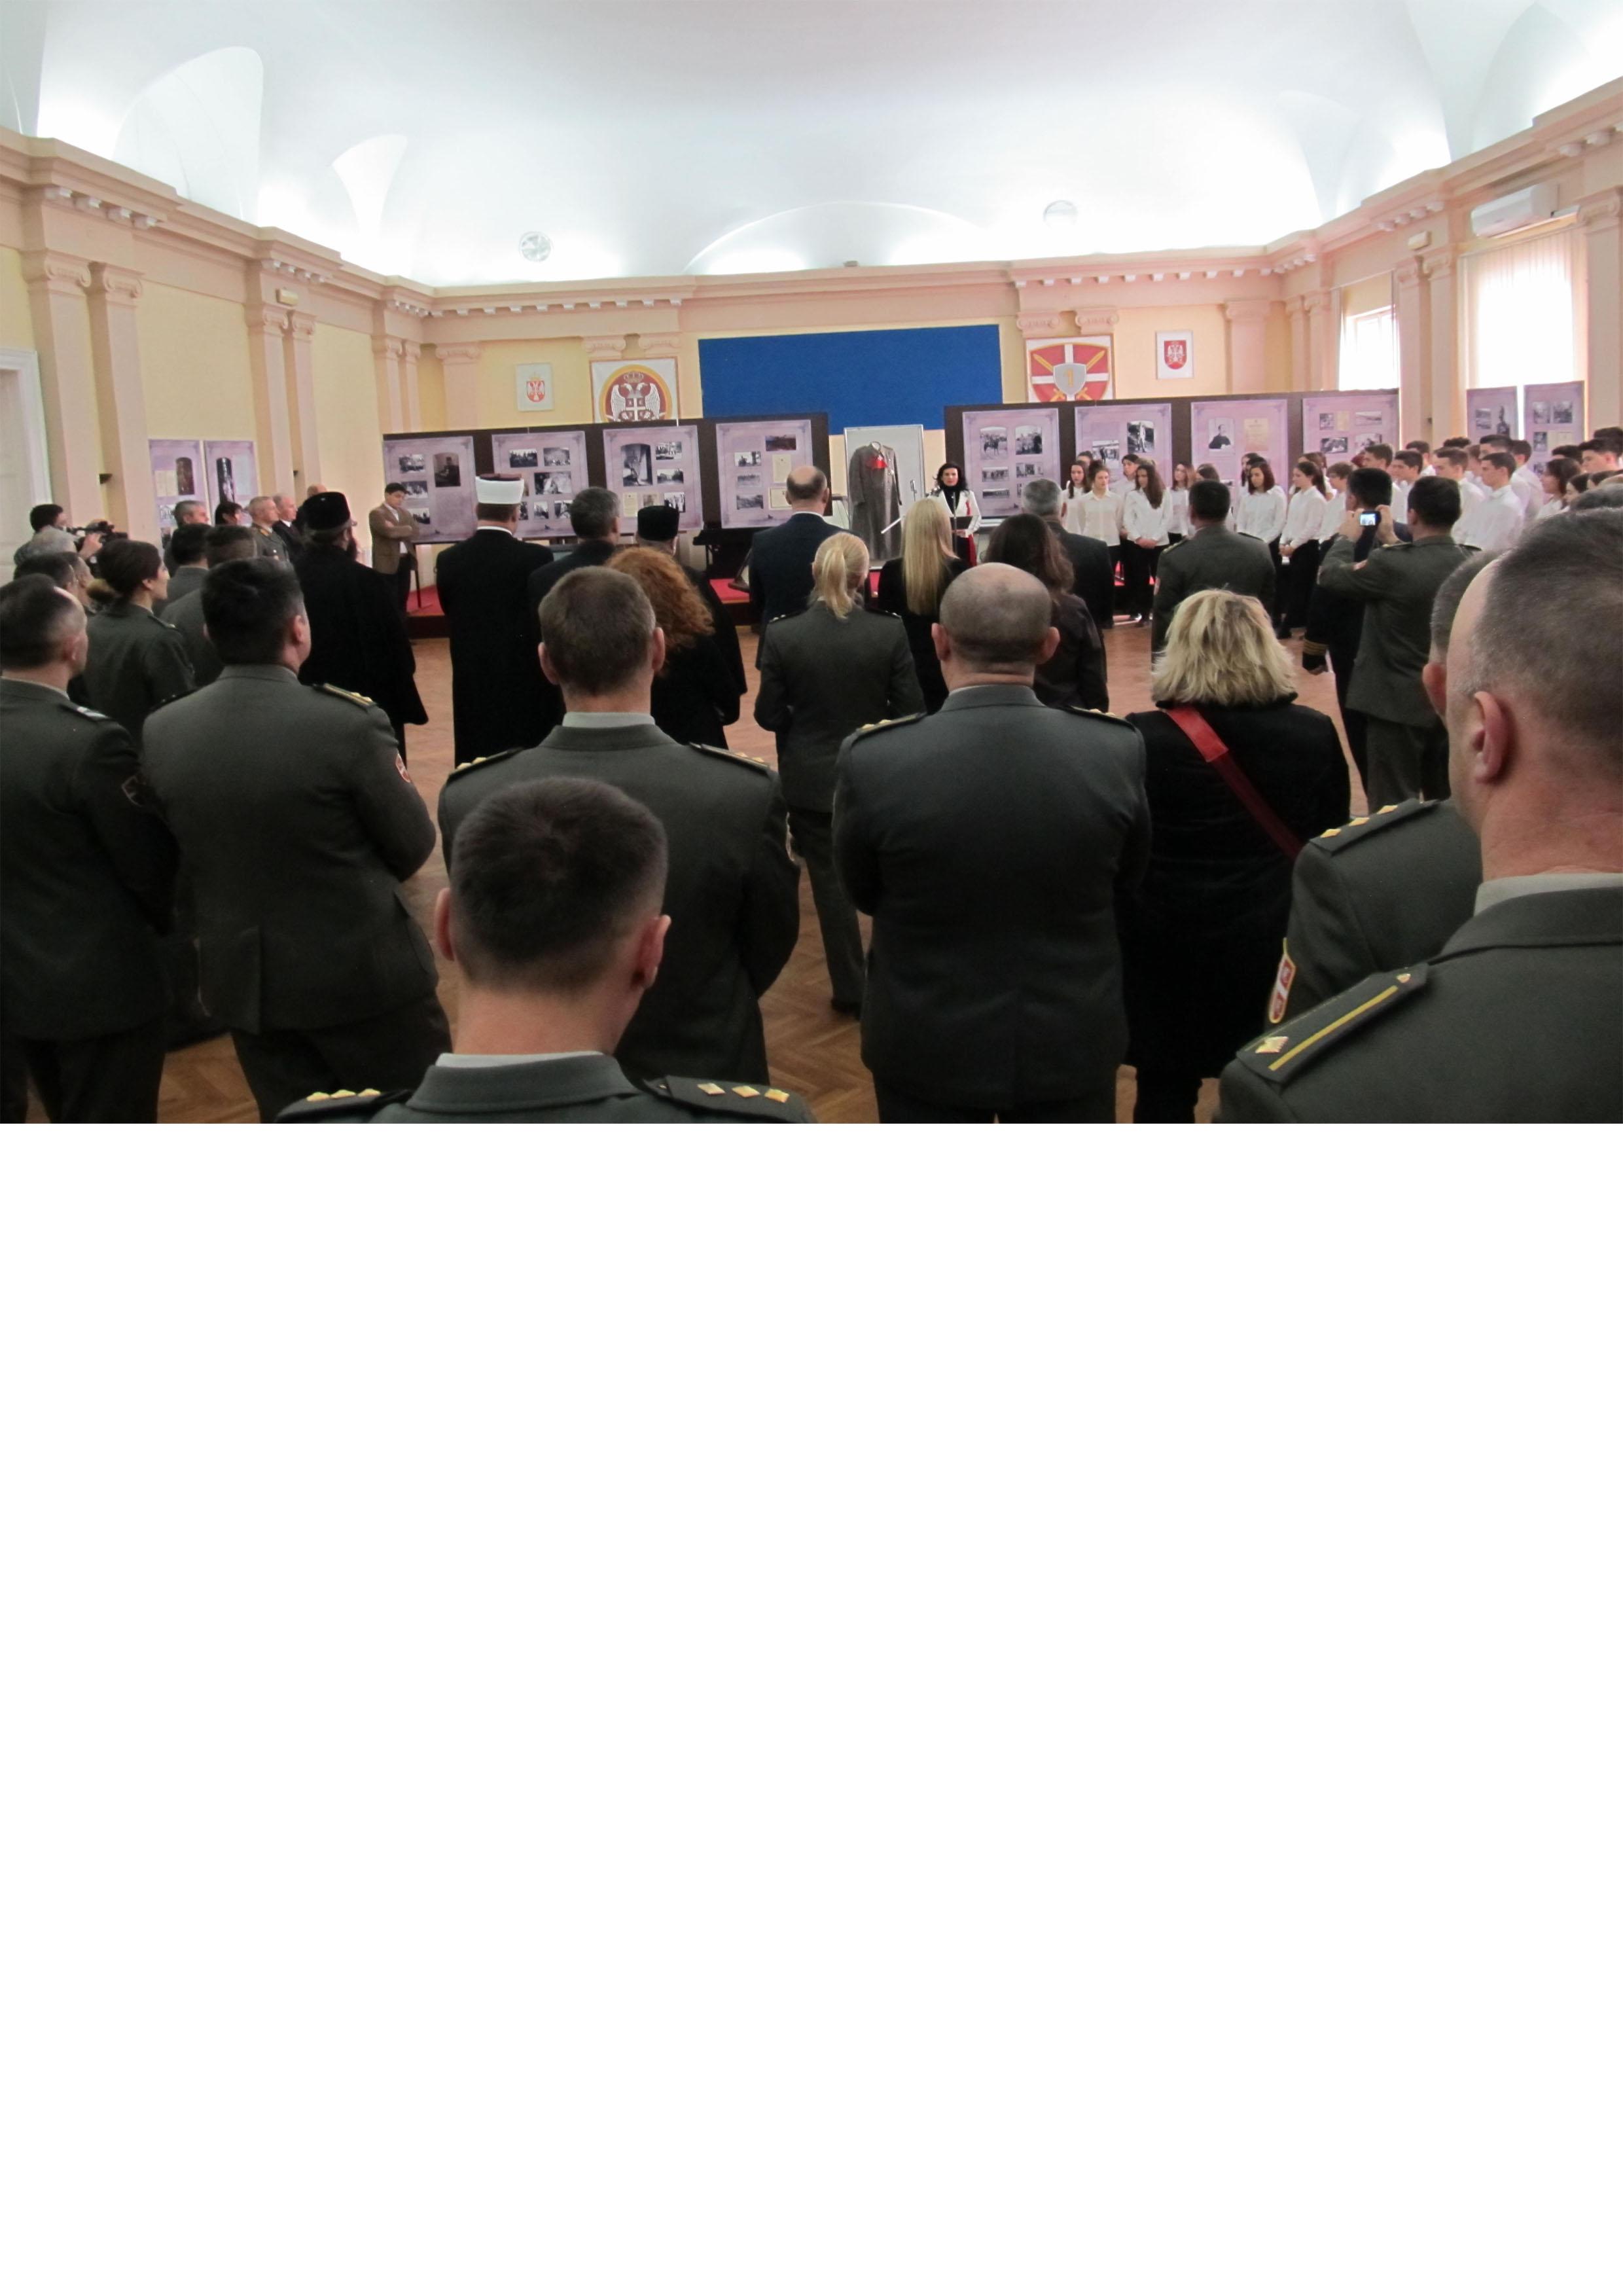 ТВ ВОЈВОДИНА - Изложба о војводи Петру Бојовићу у новосадском Дому ВС